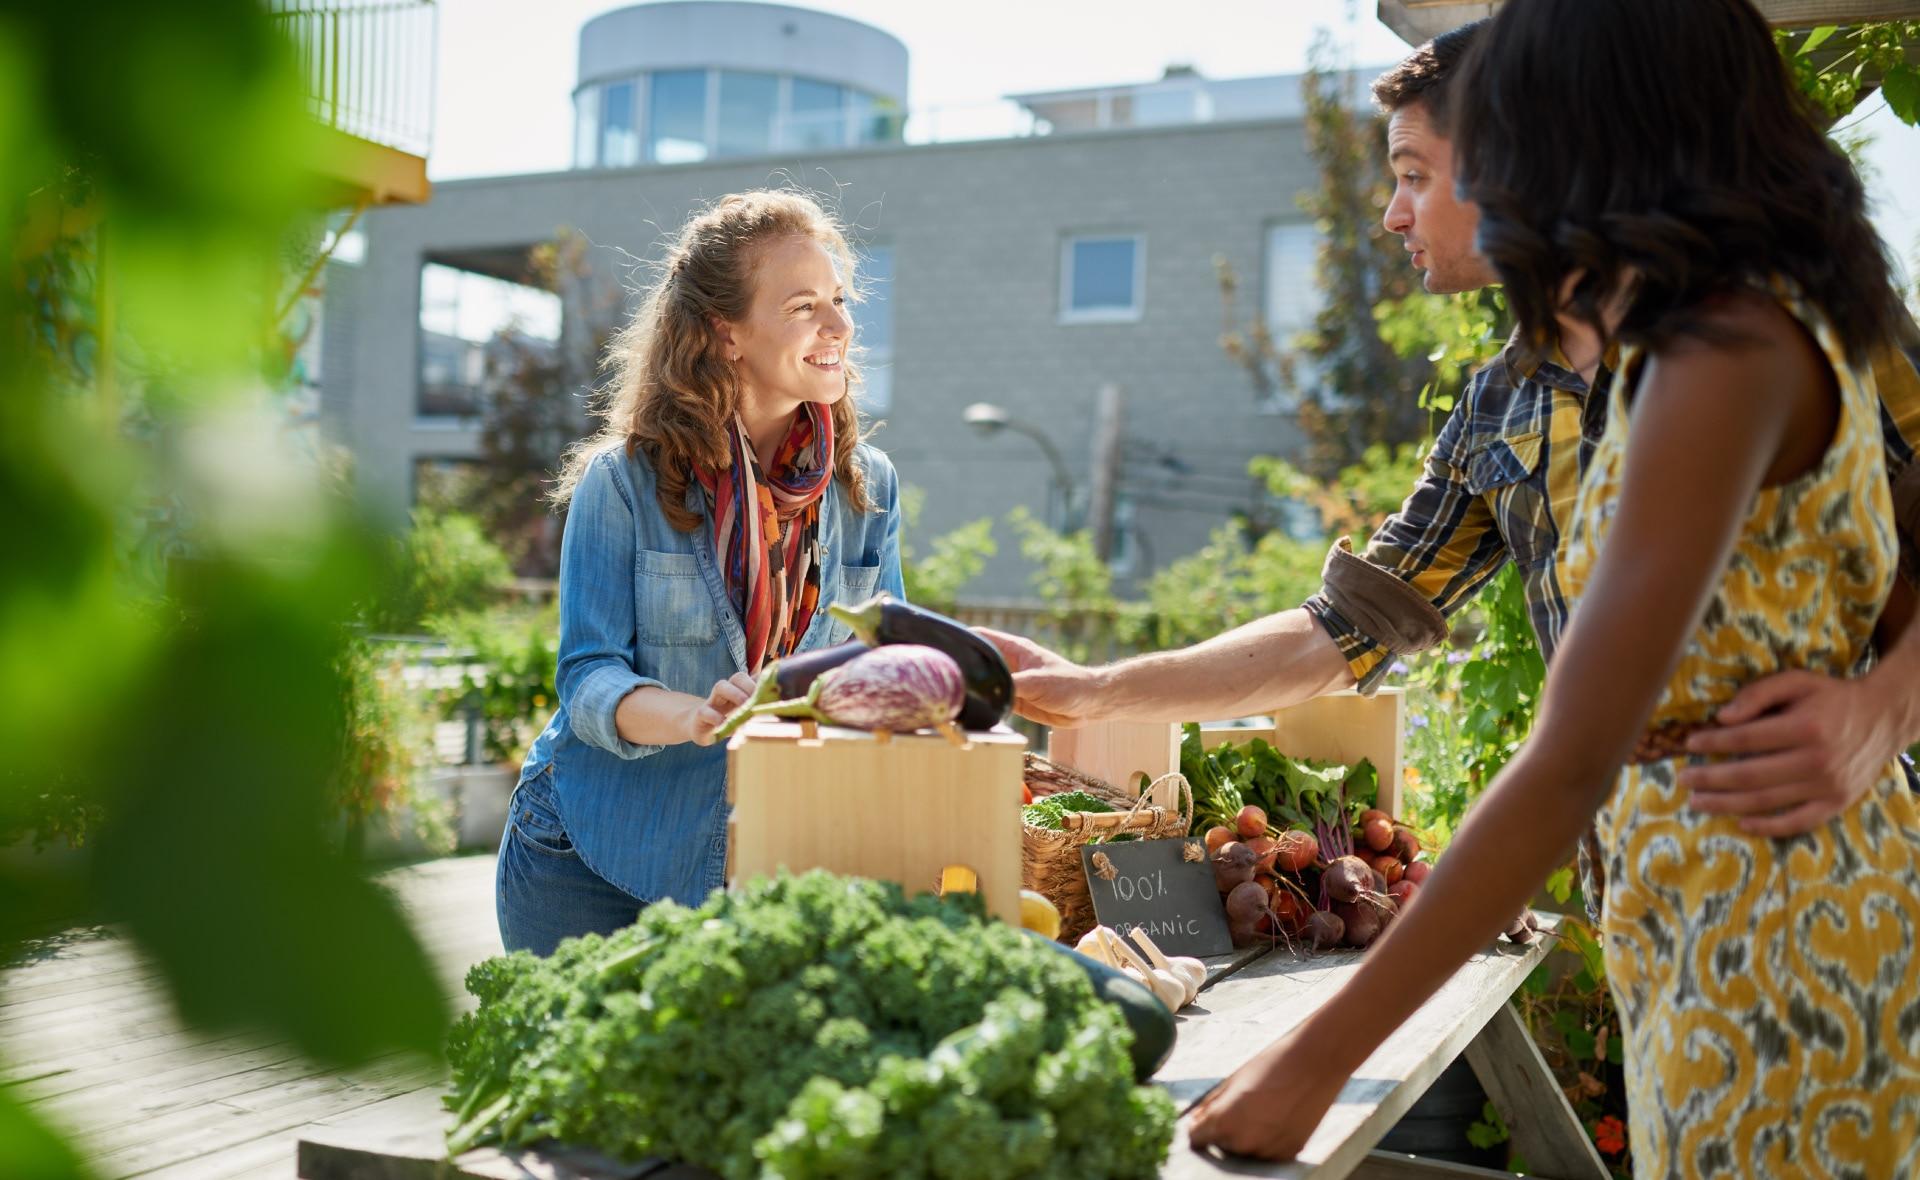 dieta_sostenible-alimentos-sostenibilidad-equilibrada-fruta-verduras